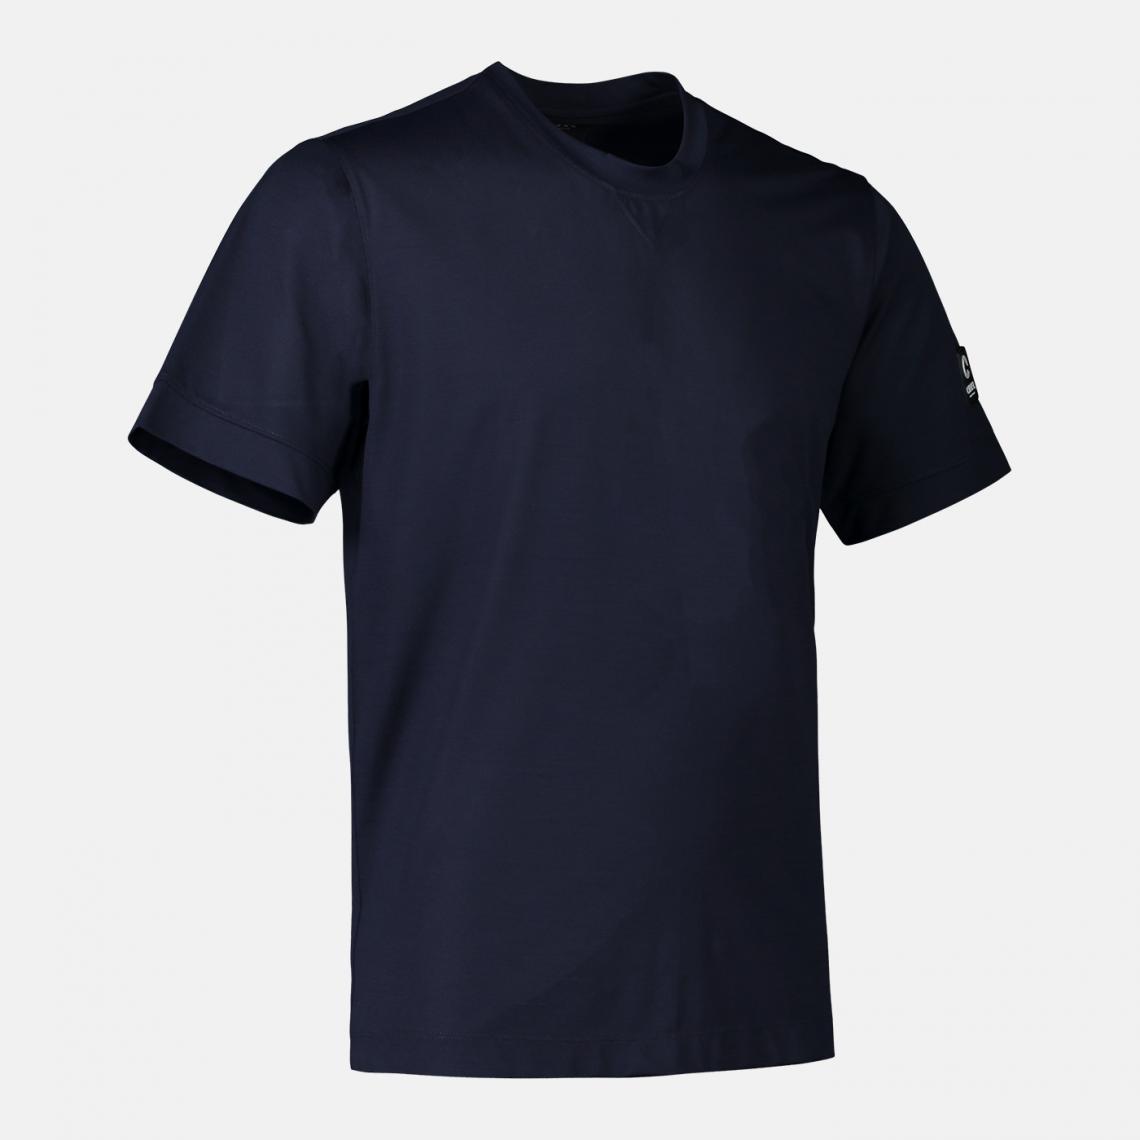 T-shirt av växtbaserat material